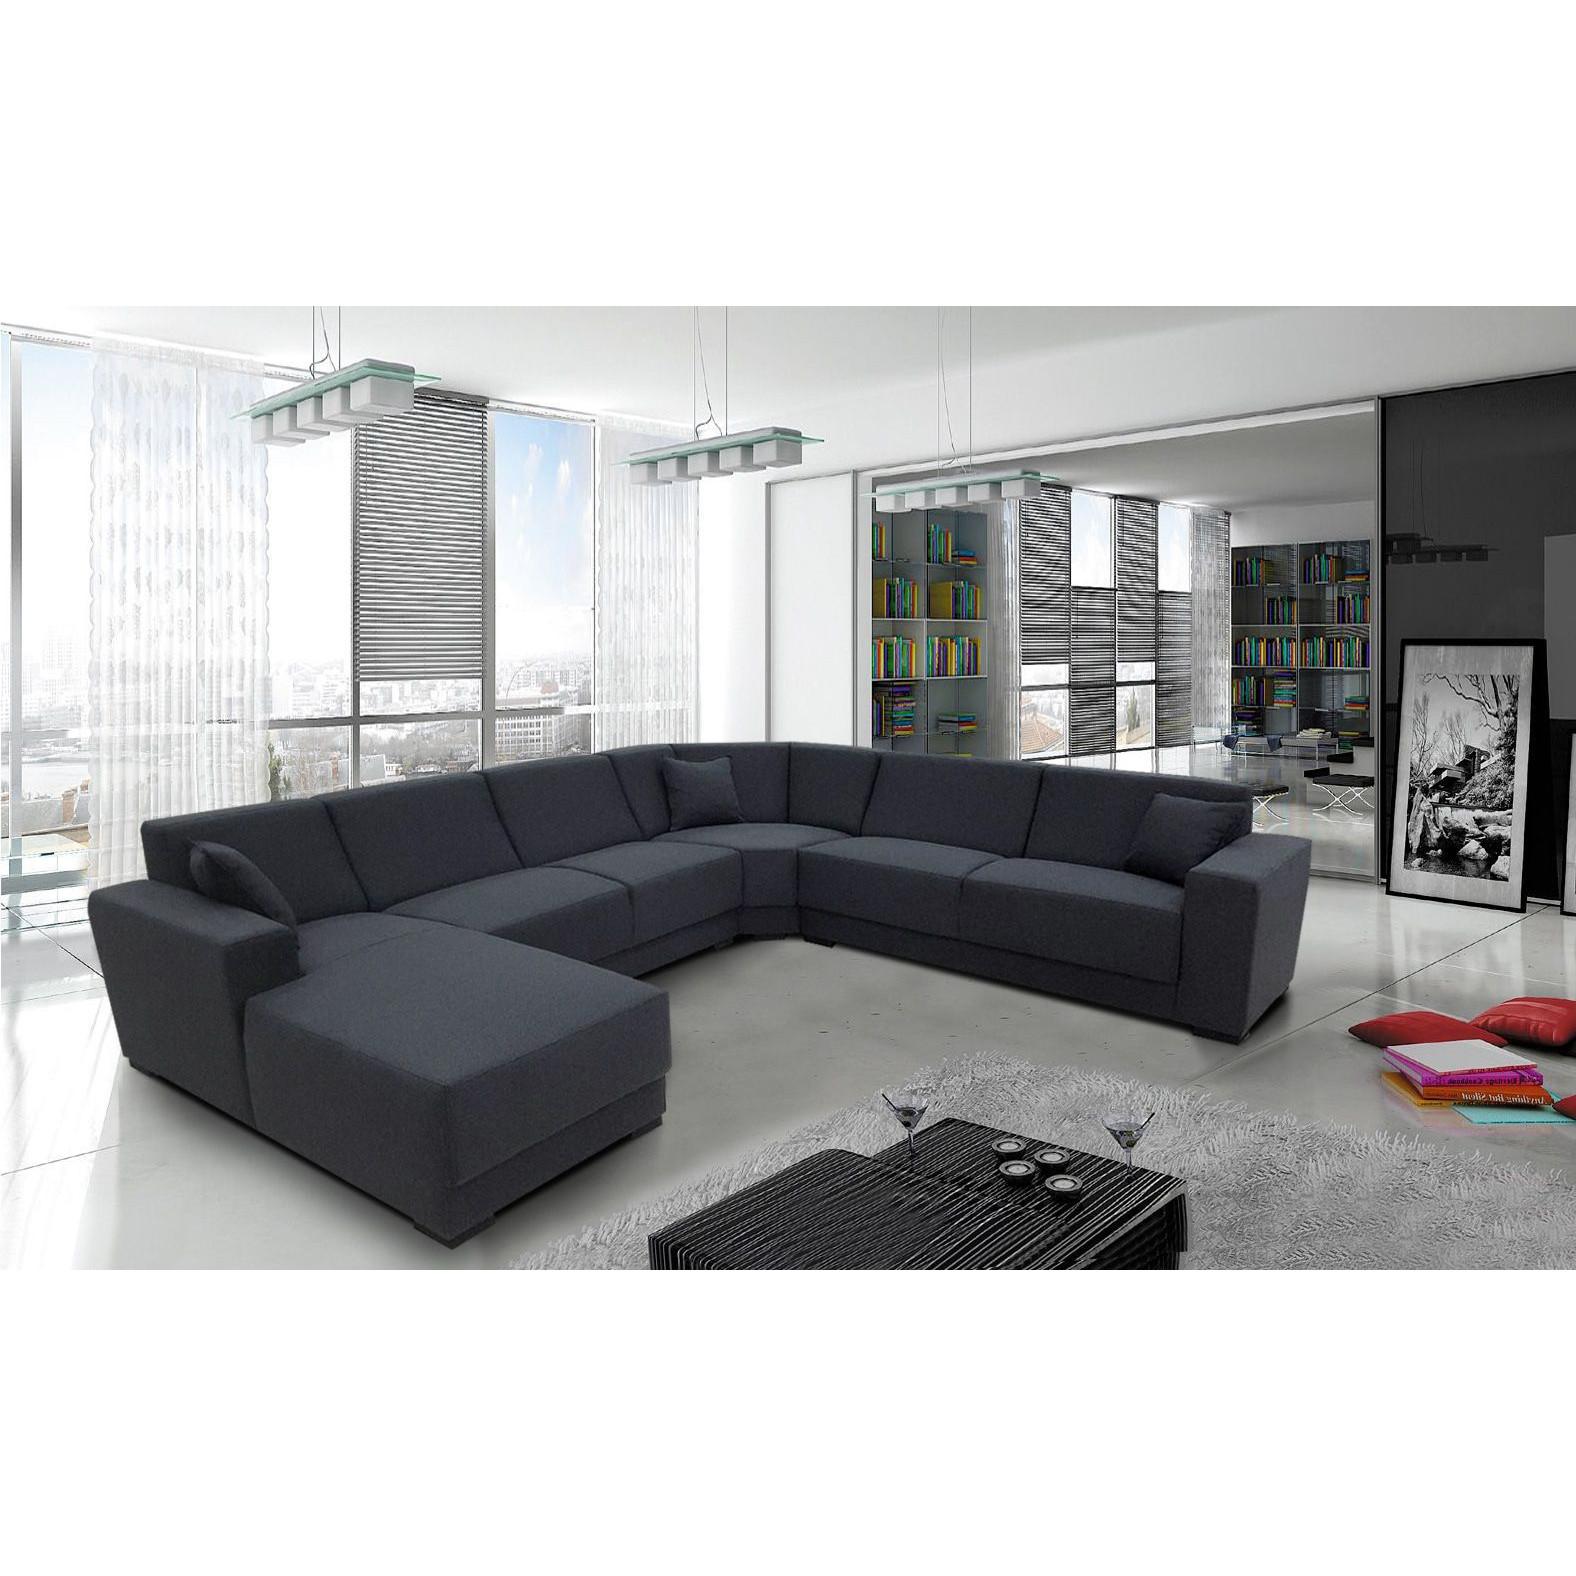 Salon Canapé d angle moderne en tissu coloris gris foncé